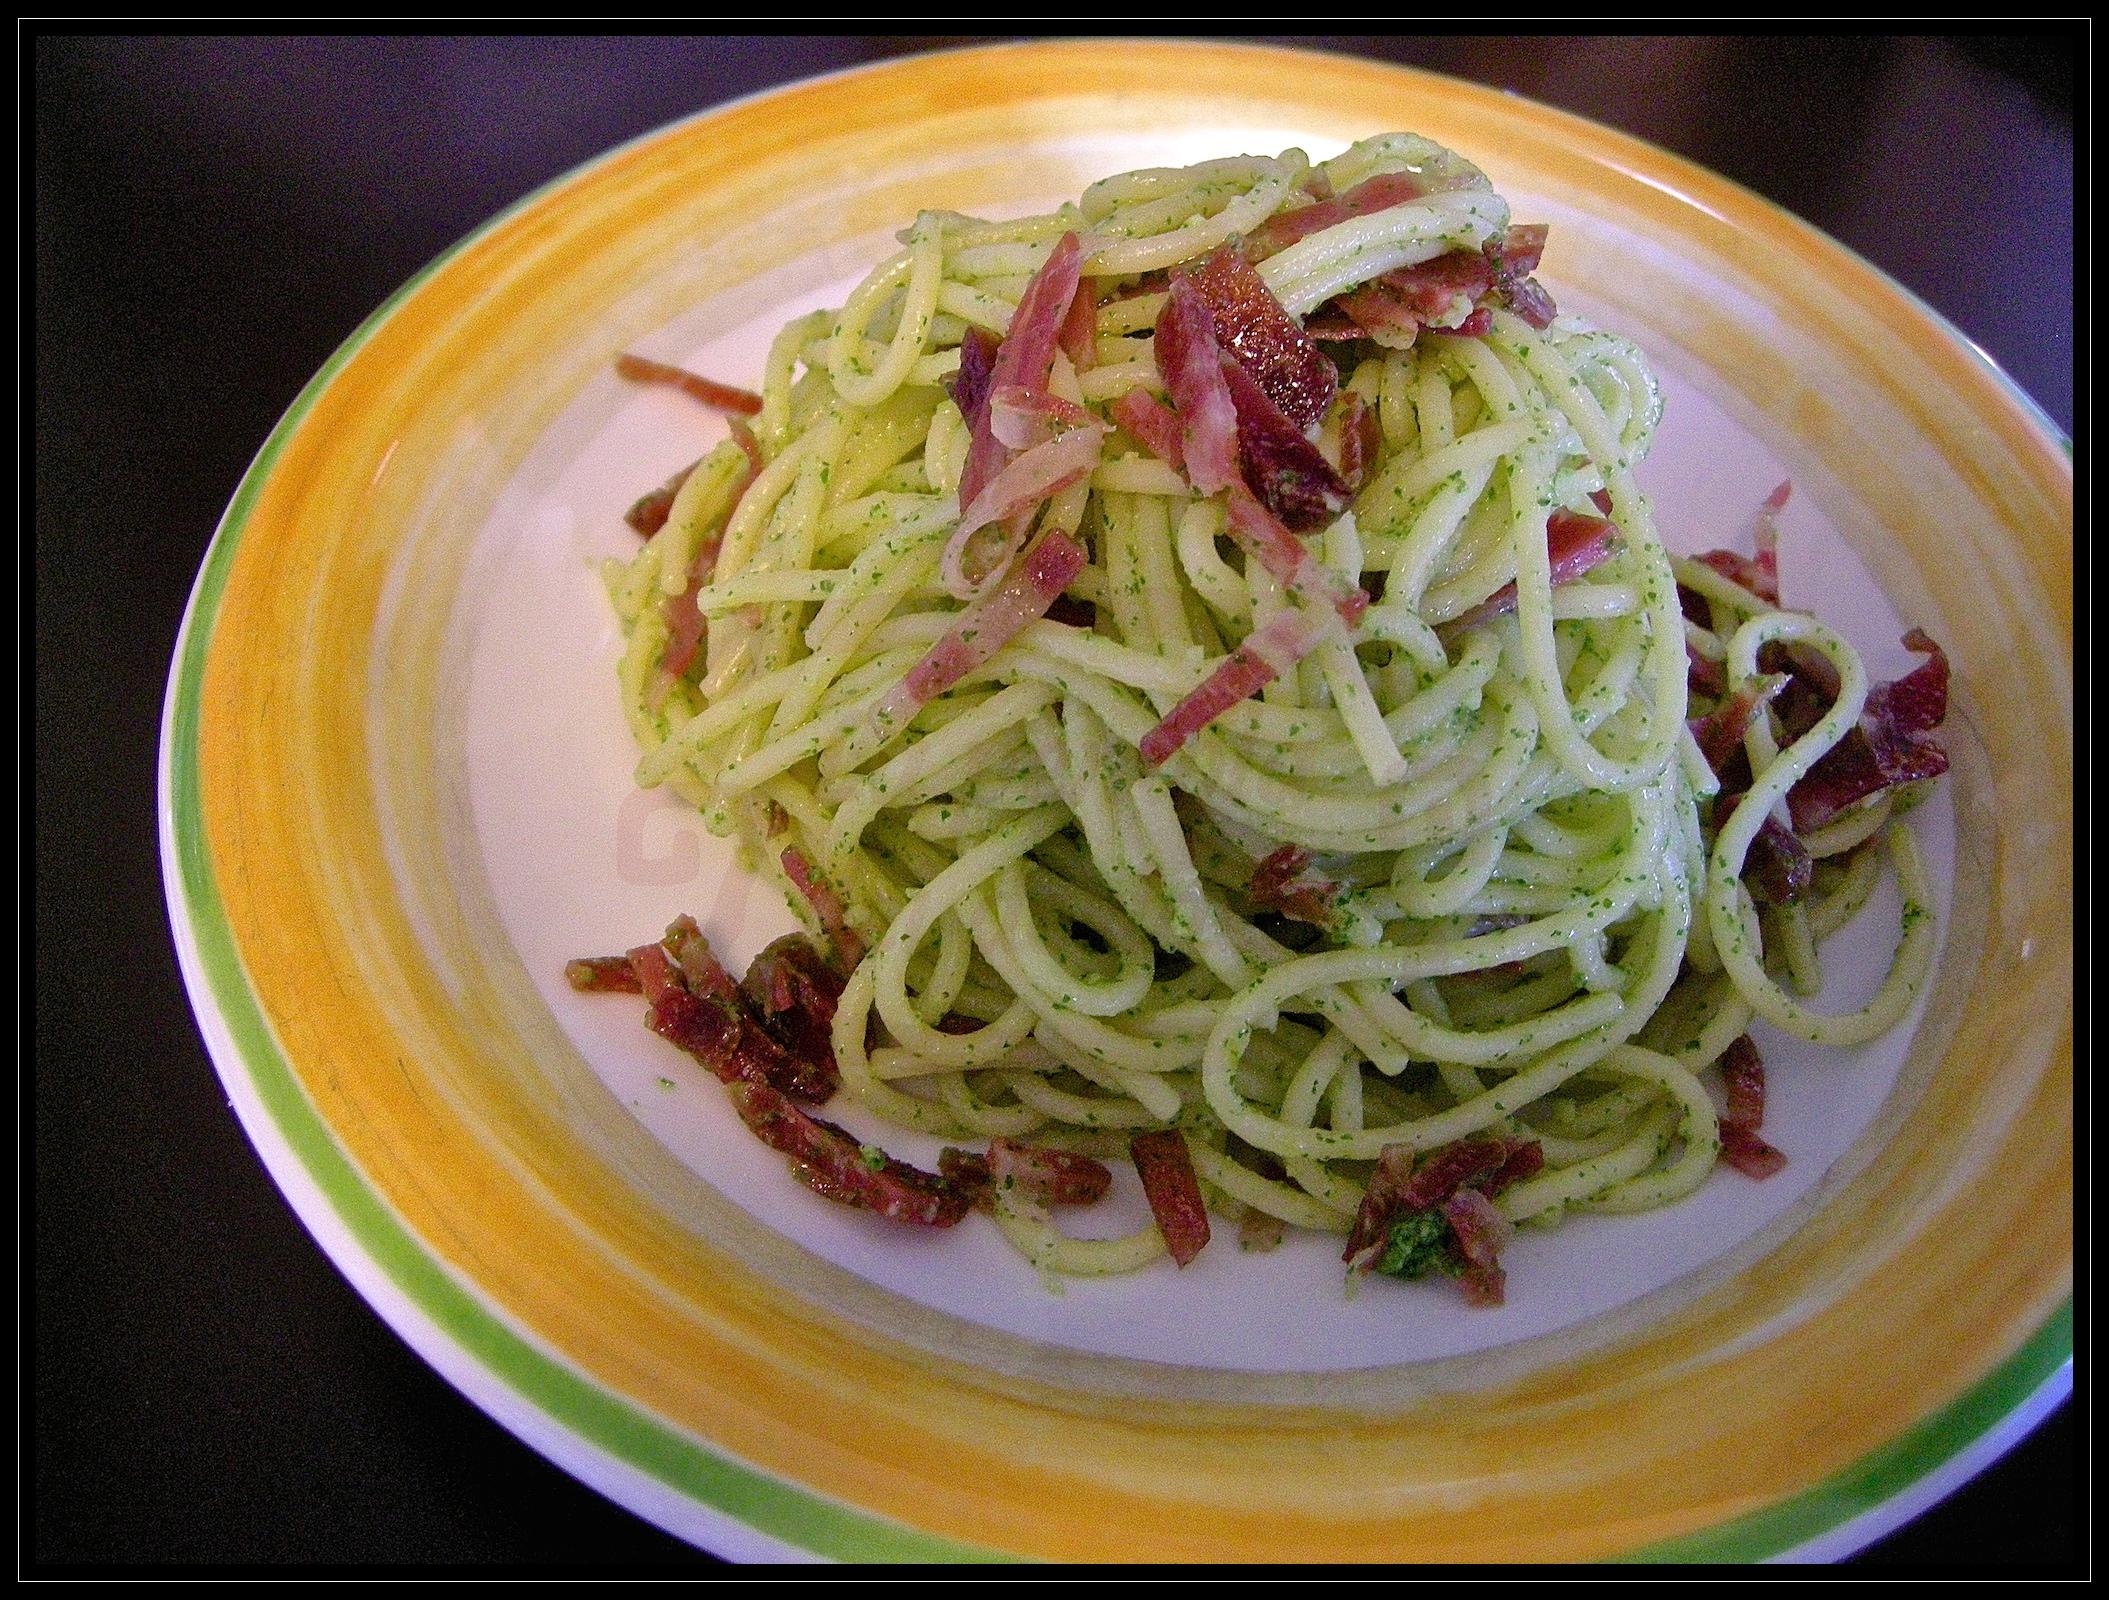 Spaghetti al pesto di rucola e coppa piacentina